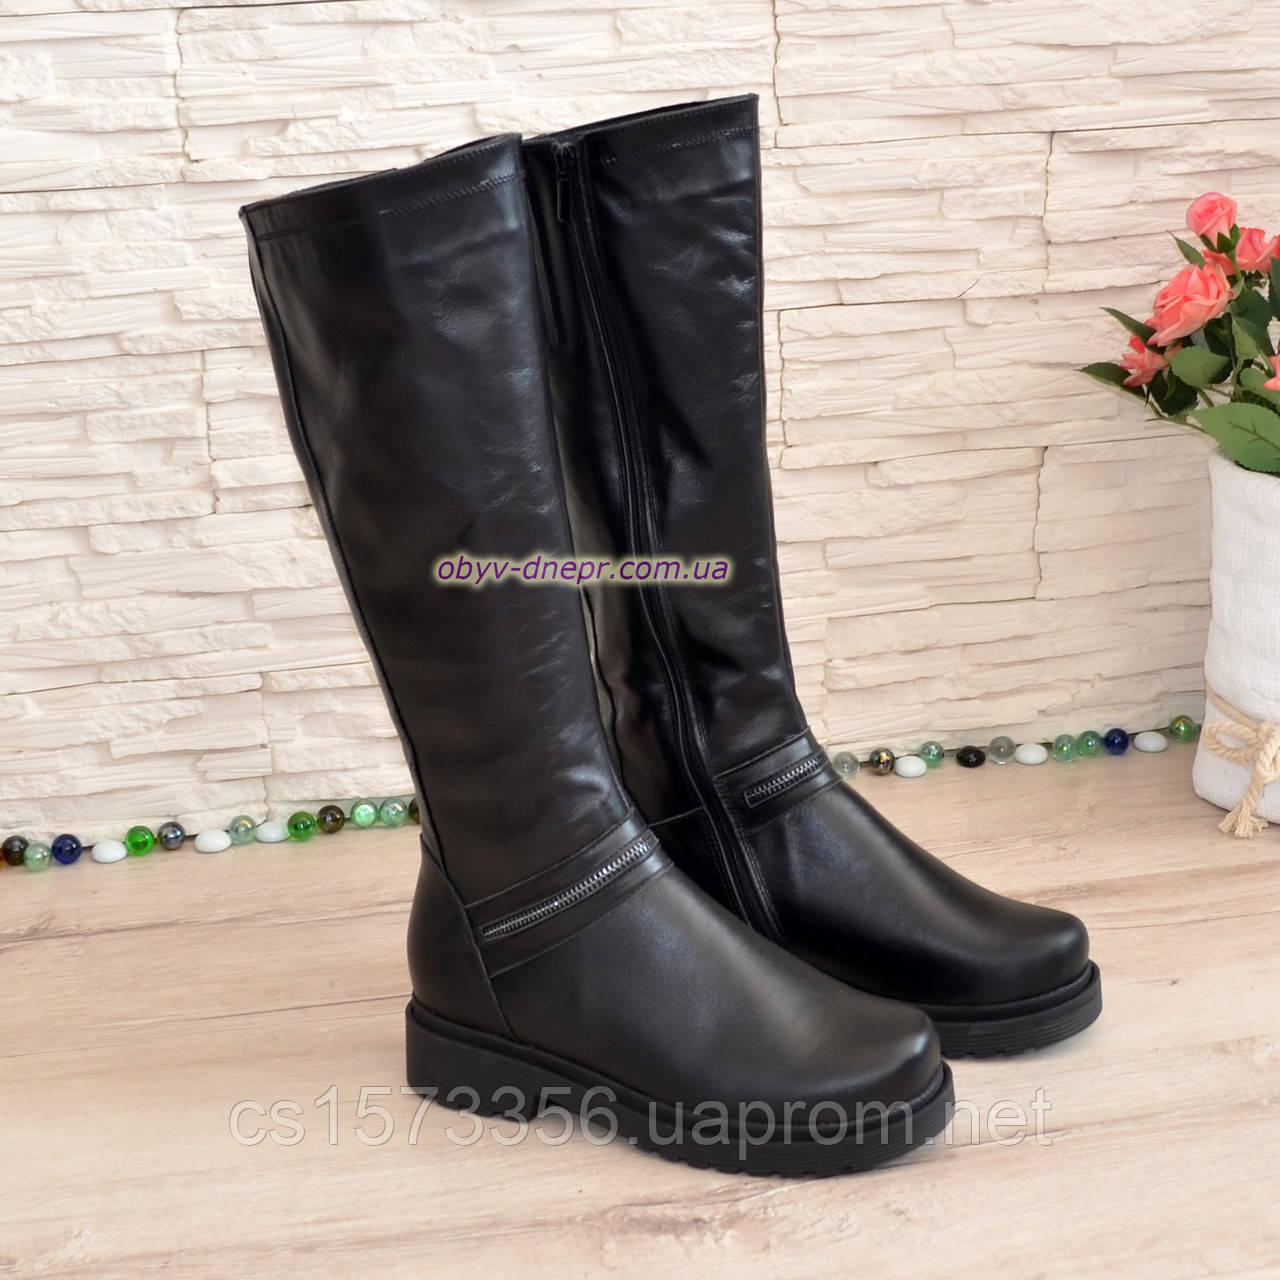 Чоботи жіночі чоботи на товстій підошві, натуральна чорна шкіра